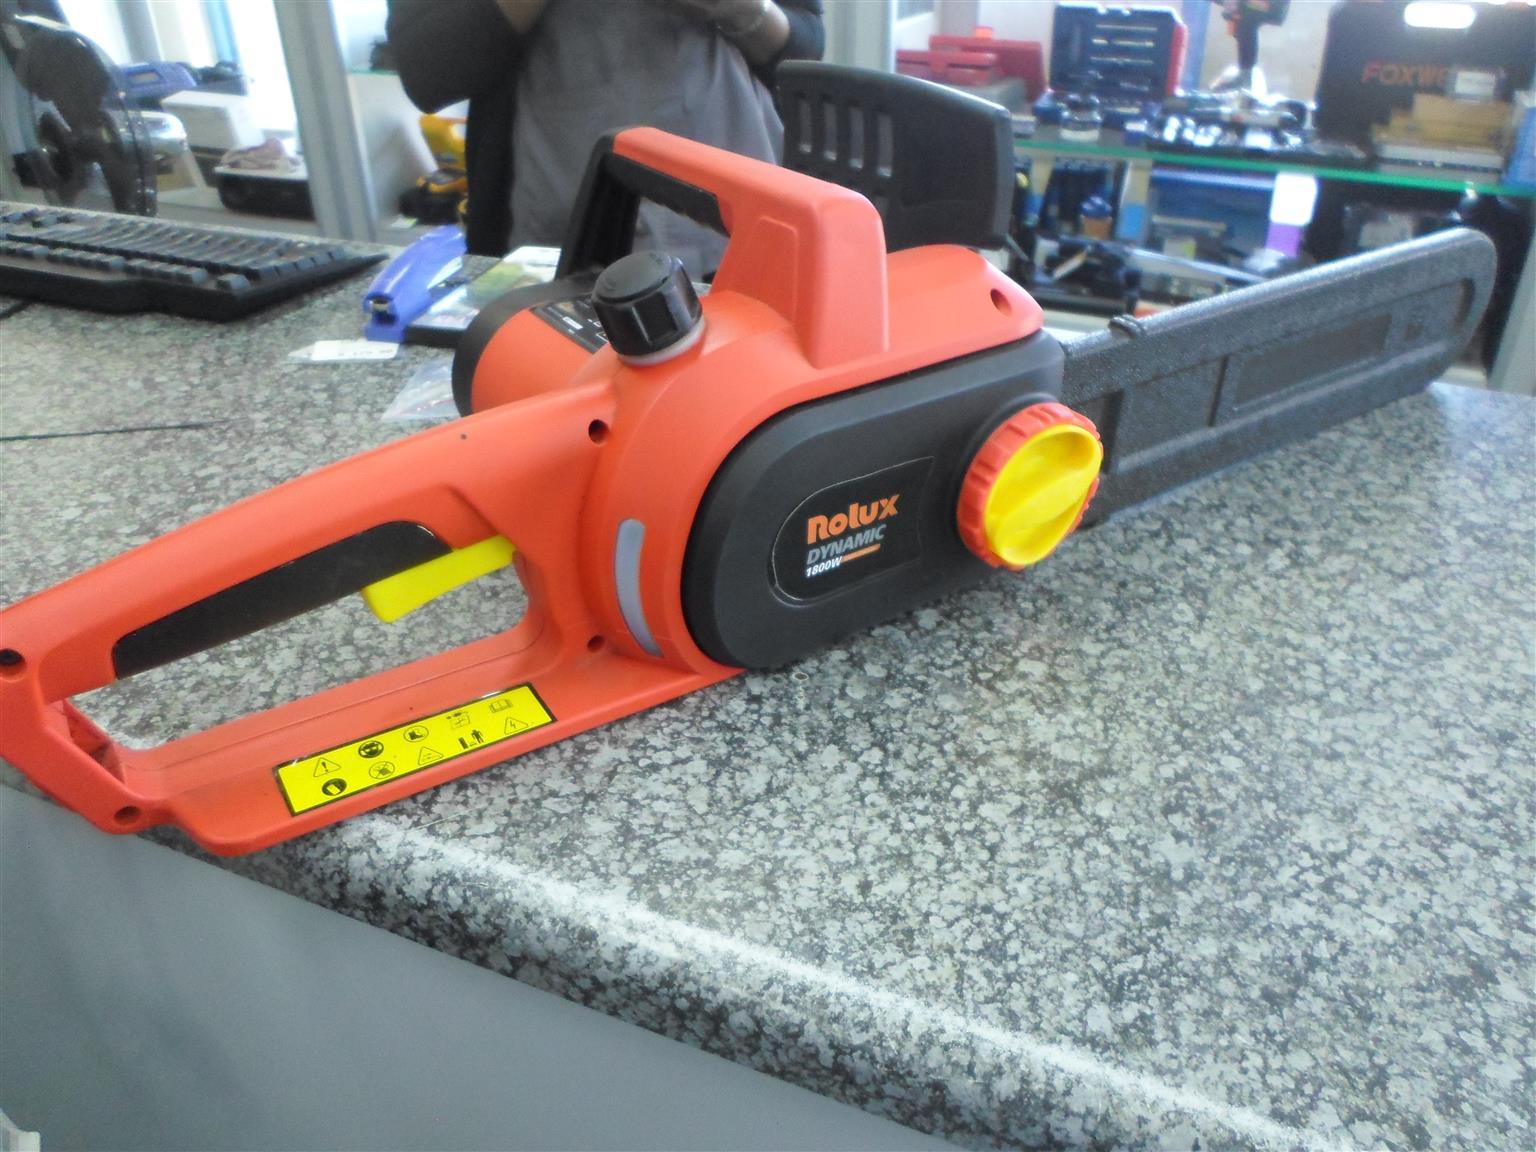 2000W Rolux Dynamic Chainsaw